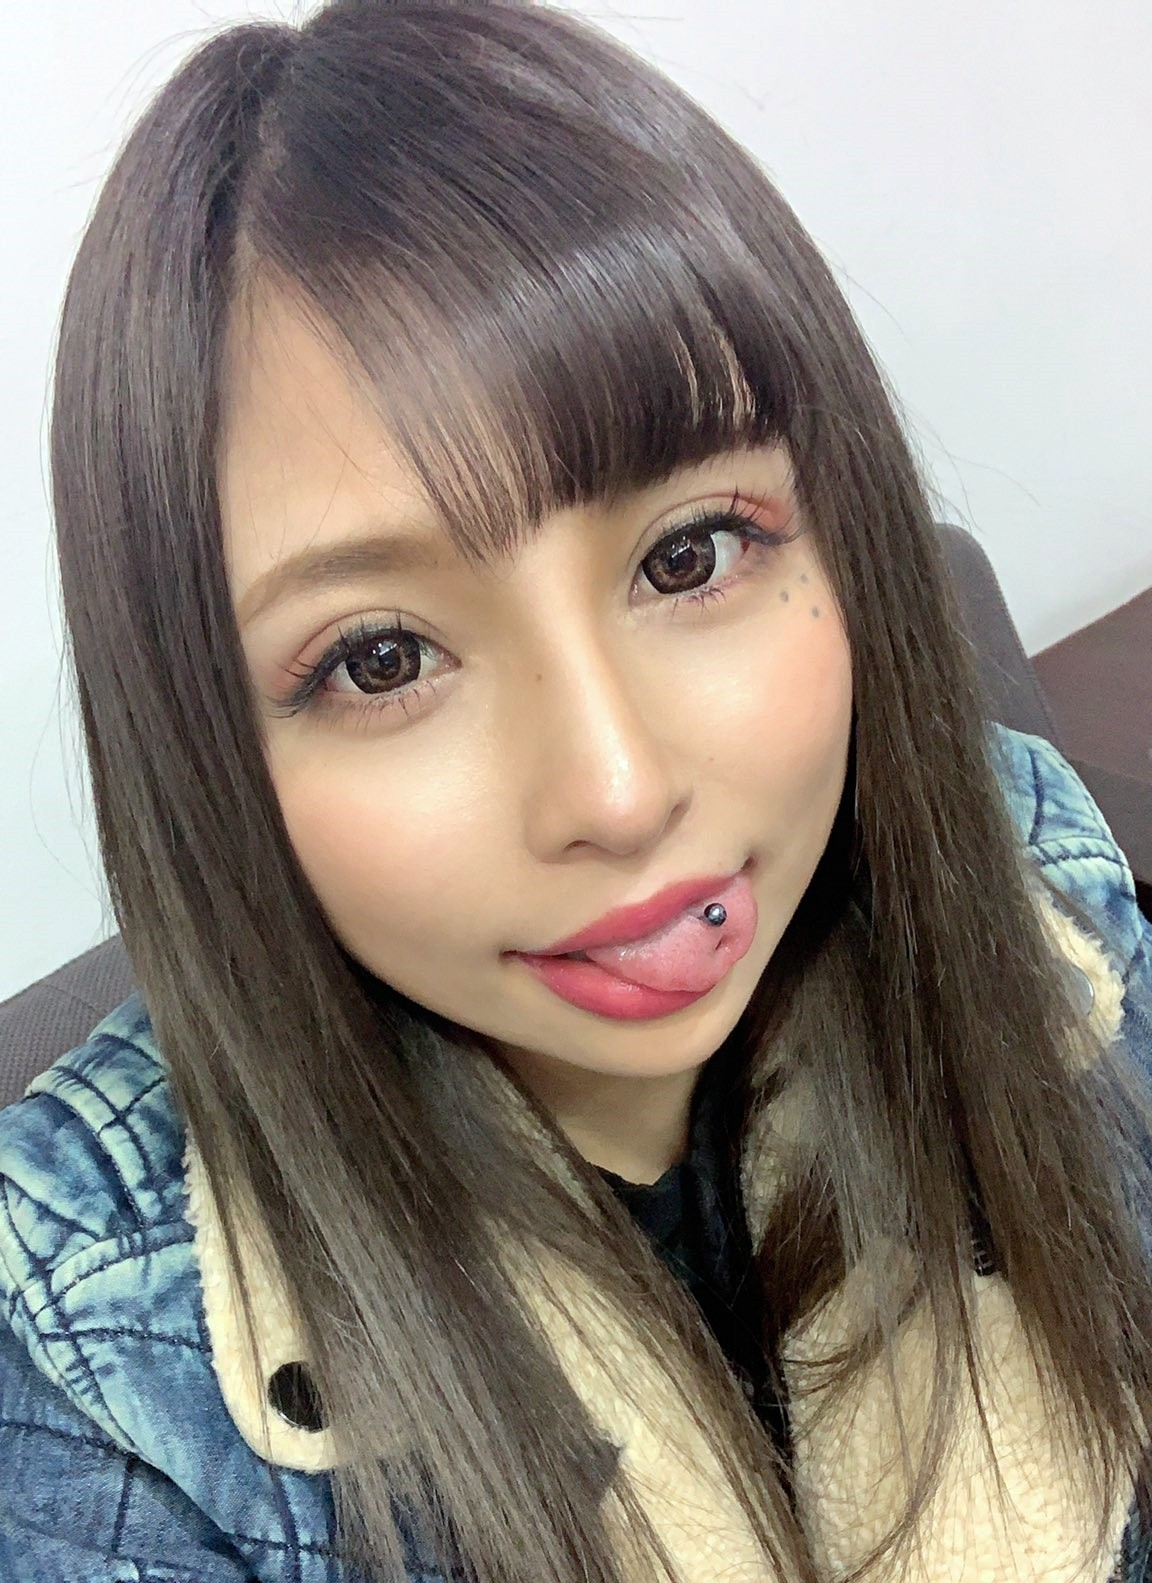 鎌沢朋佳の長舌 (13)